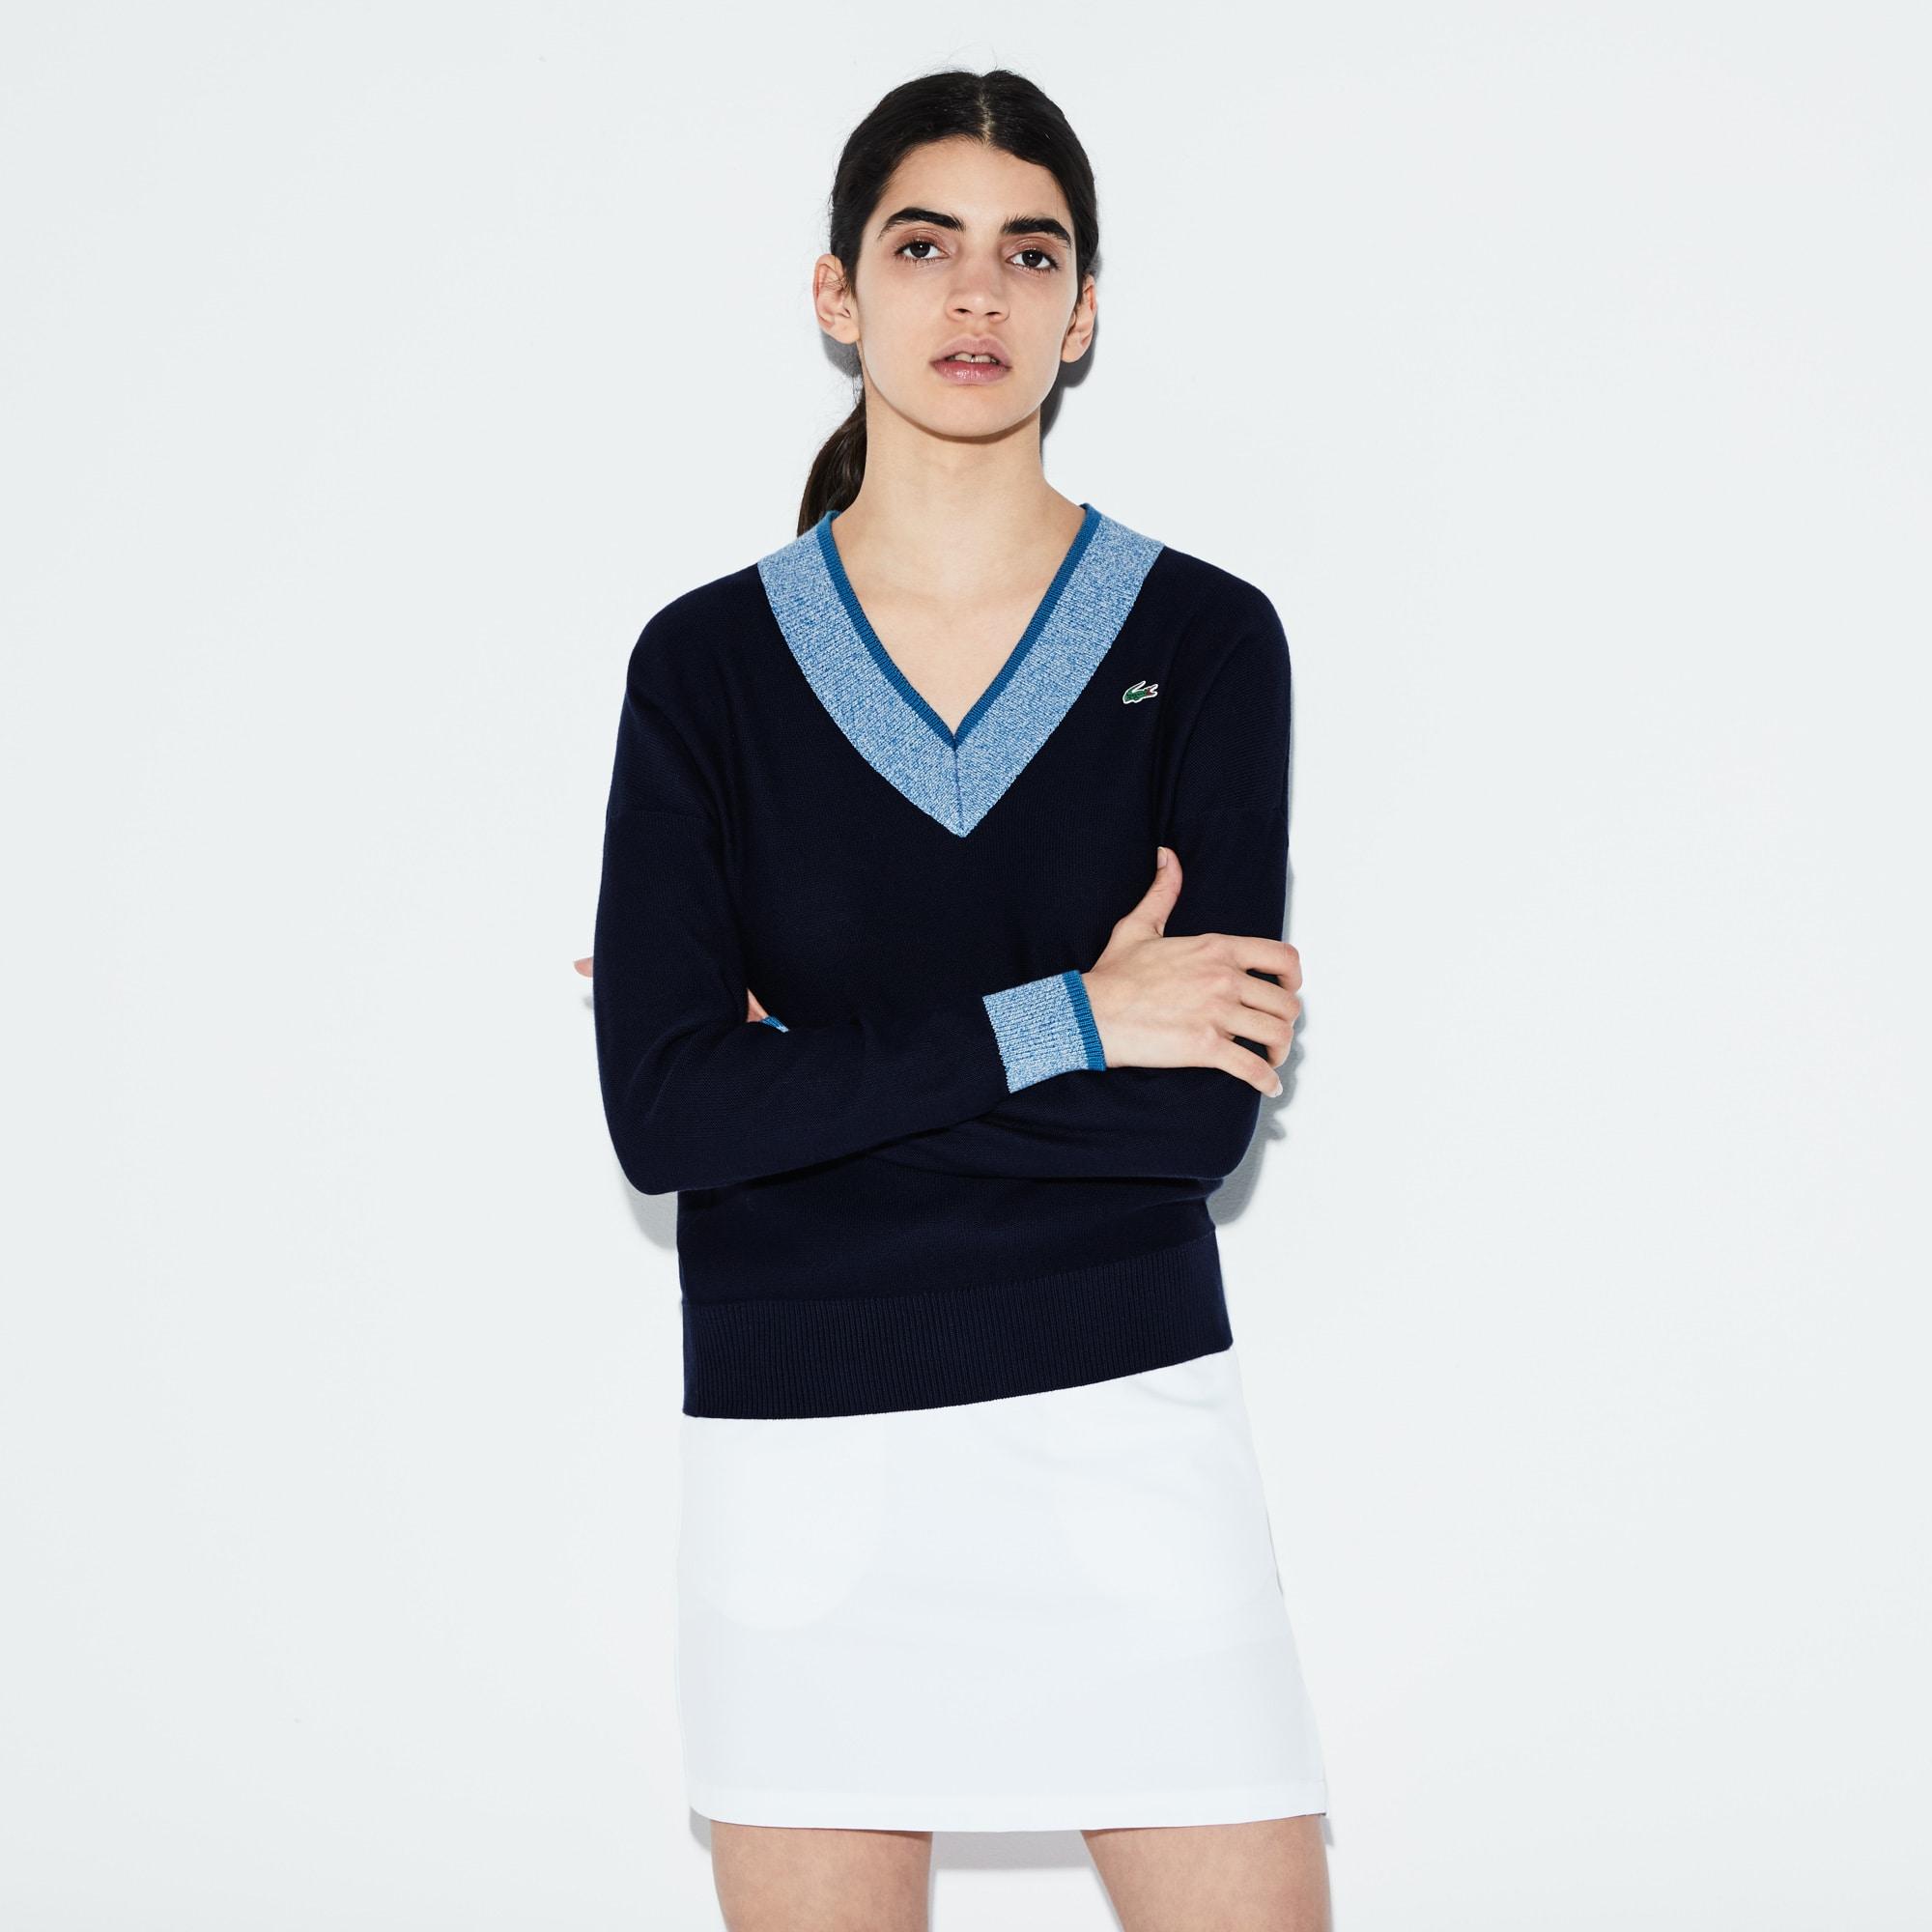 Camisola decote em V Golf Lacoste SPORT em jersey com acabamentos a contrastar